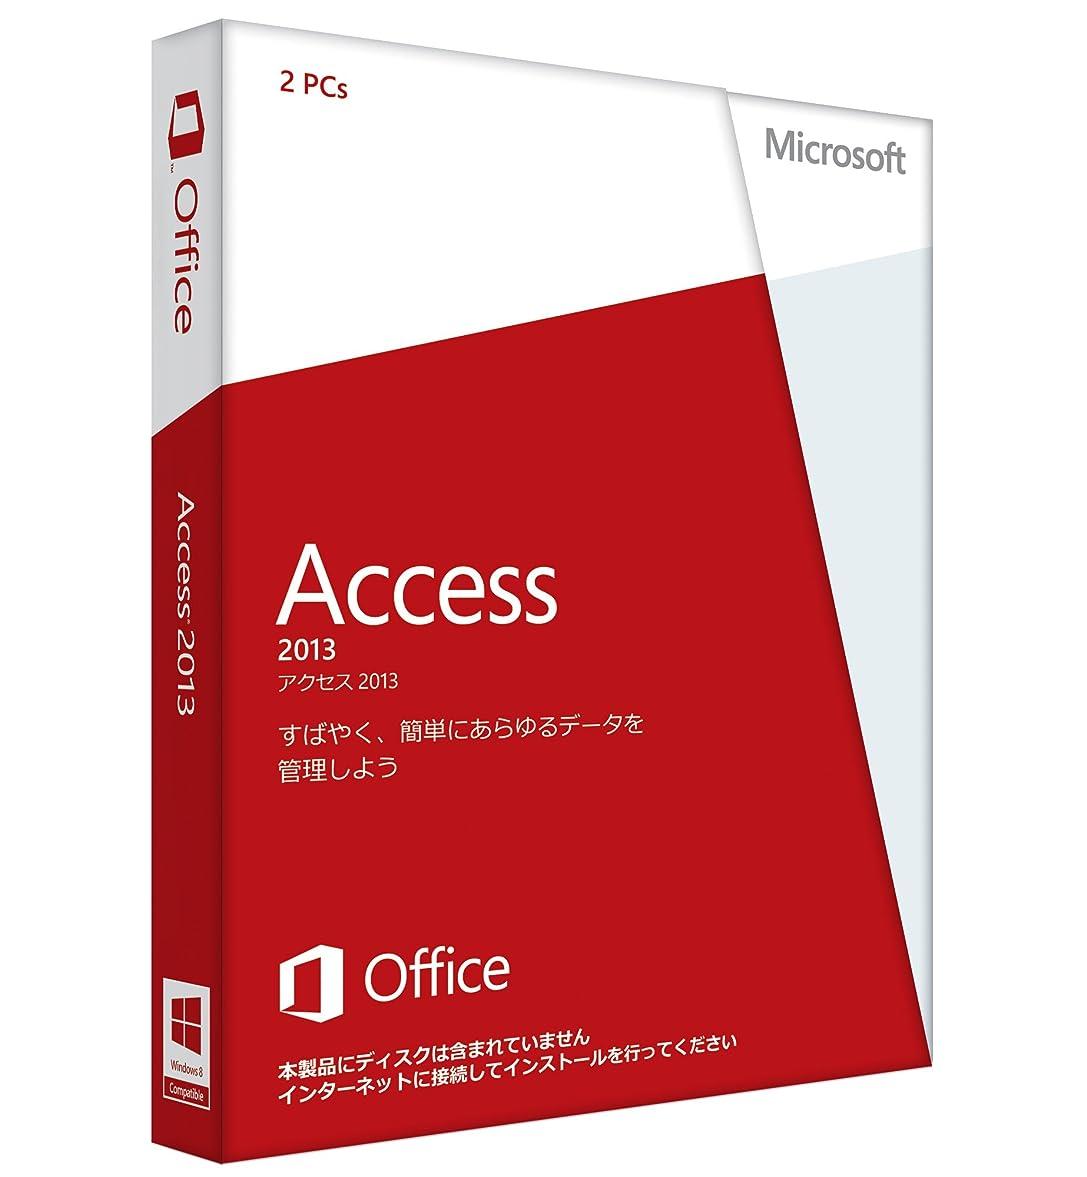 失望刺すクルー【旧商品/2016年メーカー出荷終了】Microsoft Office Access 2013 通常版 [プロダクトキーのみ] [パッケージ] [Windows版](PC2台/1ライセンス)